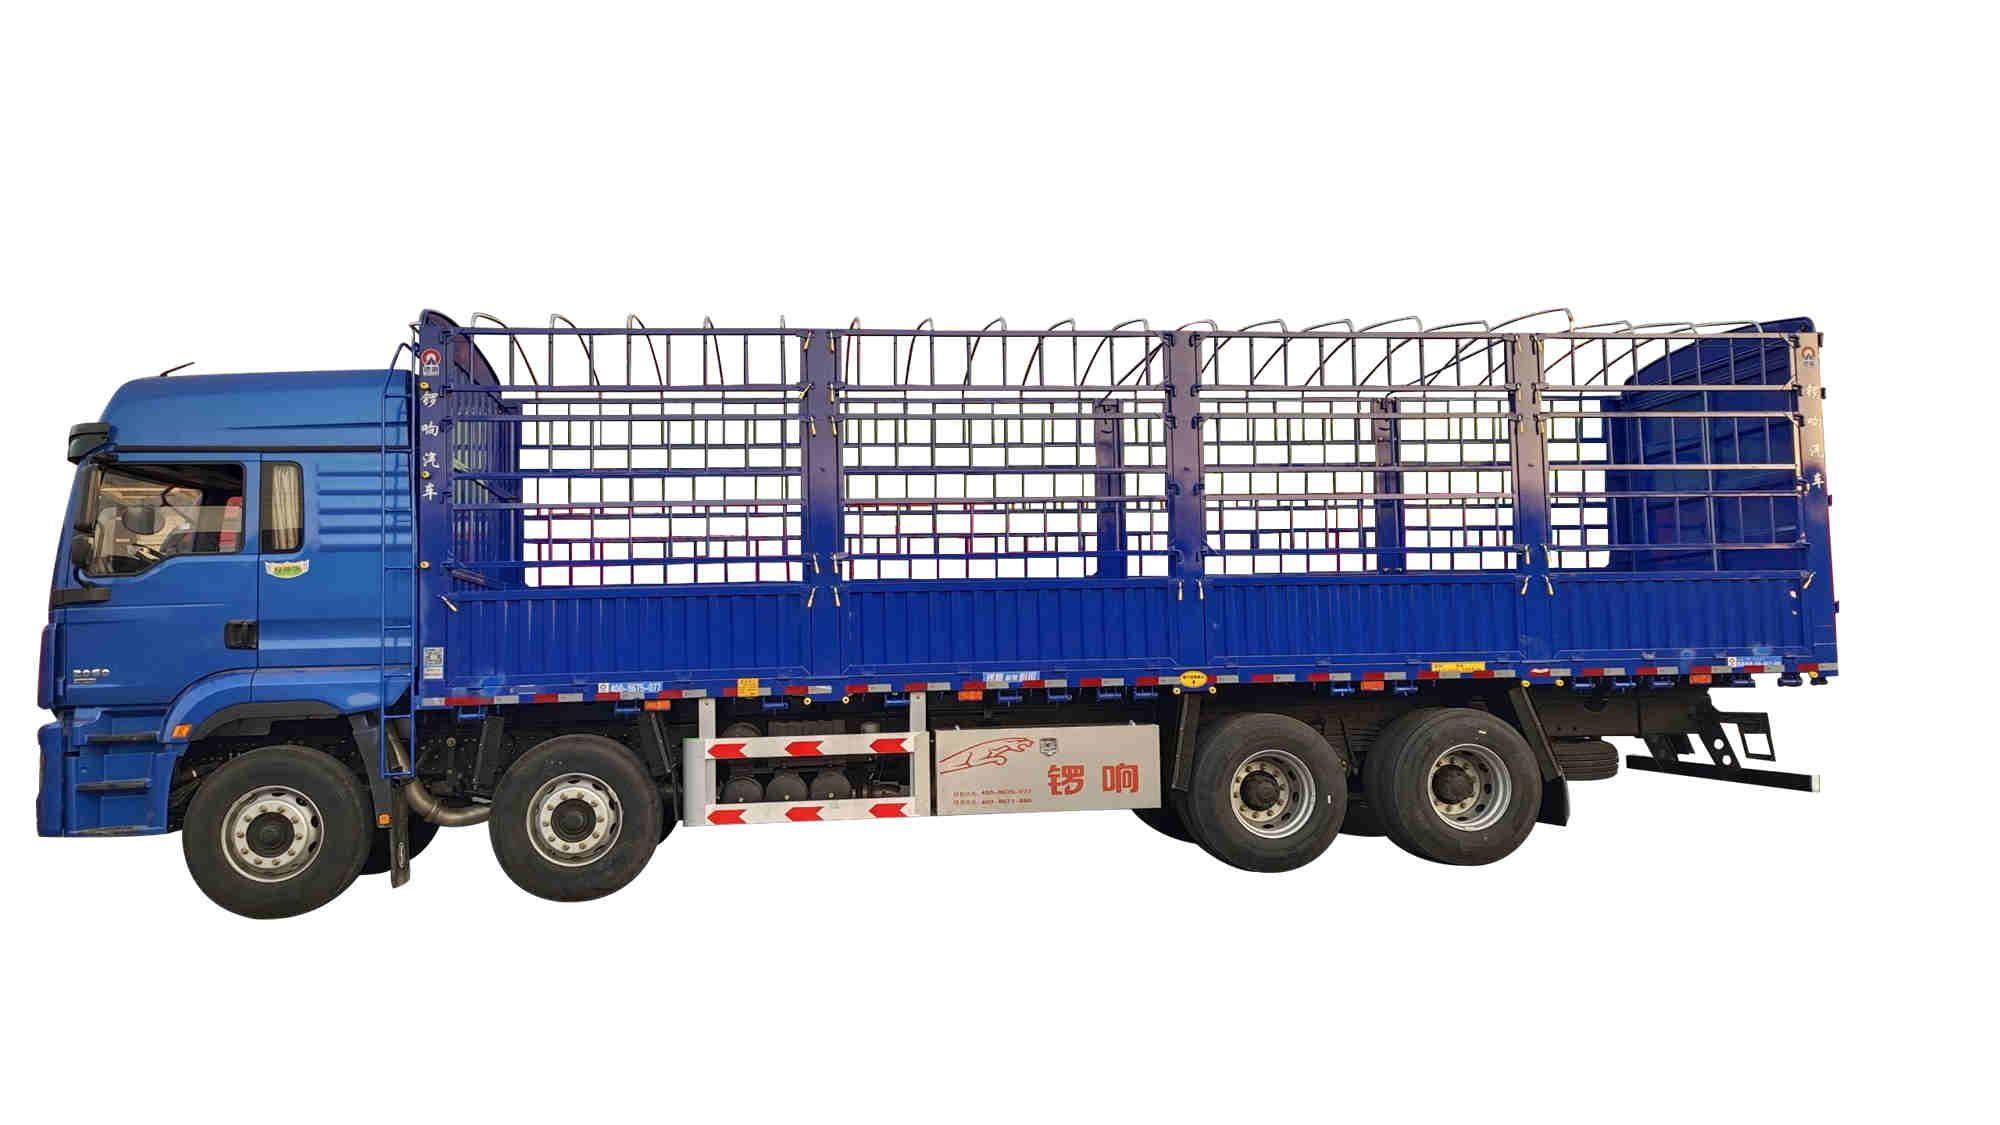 锣响载货车 9米6仓栅式载货车 铝合金工具箱 半挂车生产